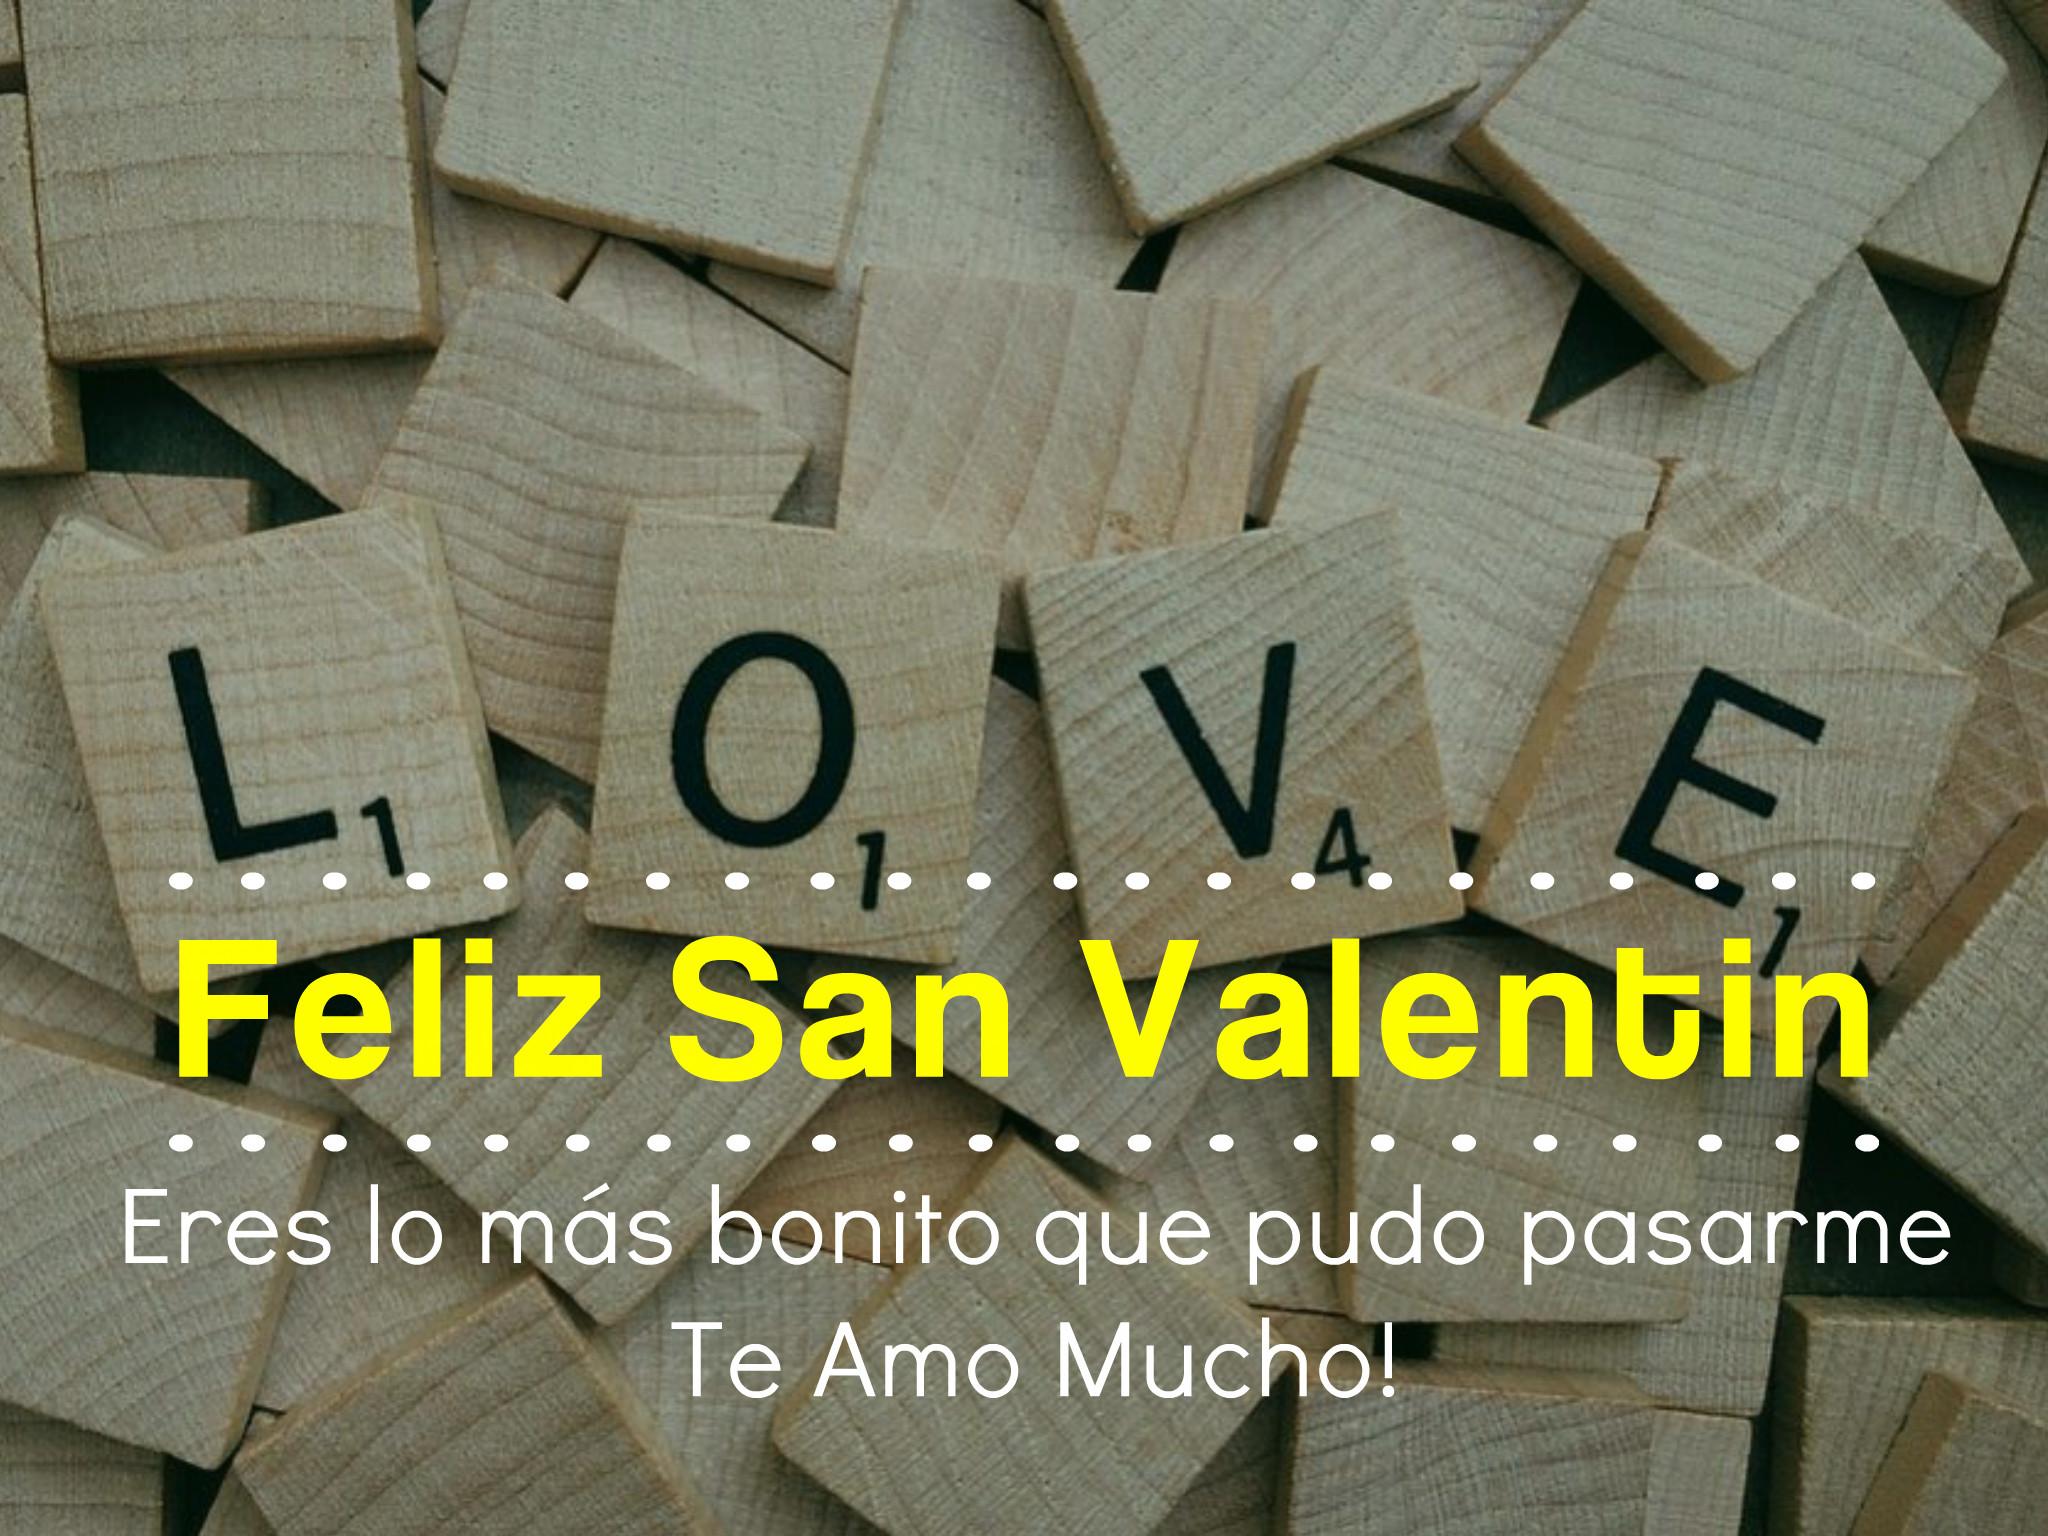 Dia de san valentin en imágenes